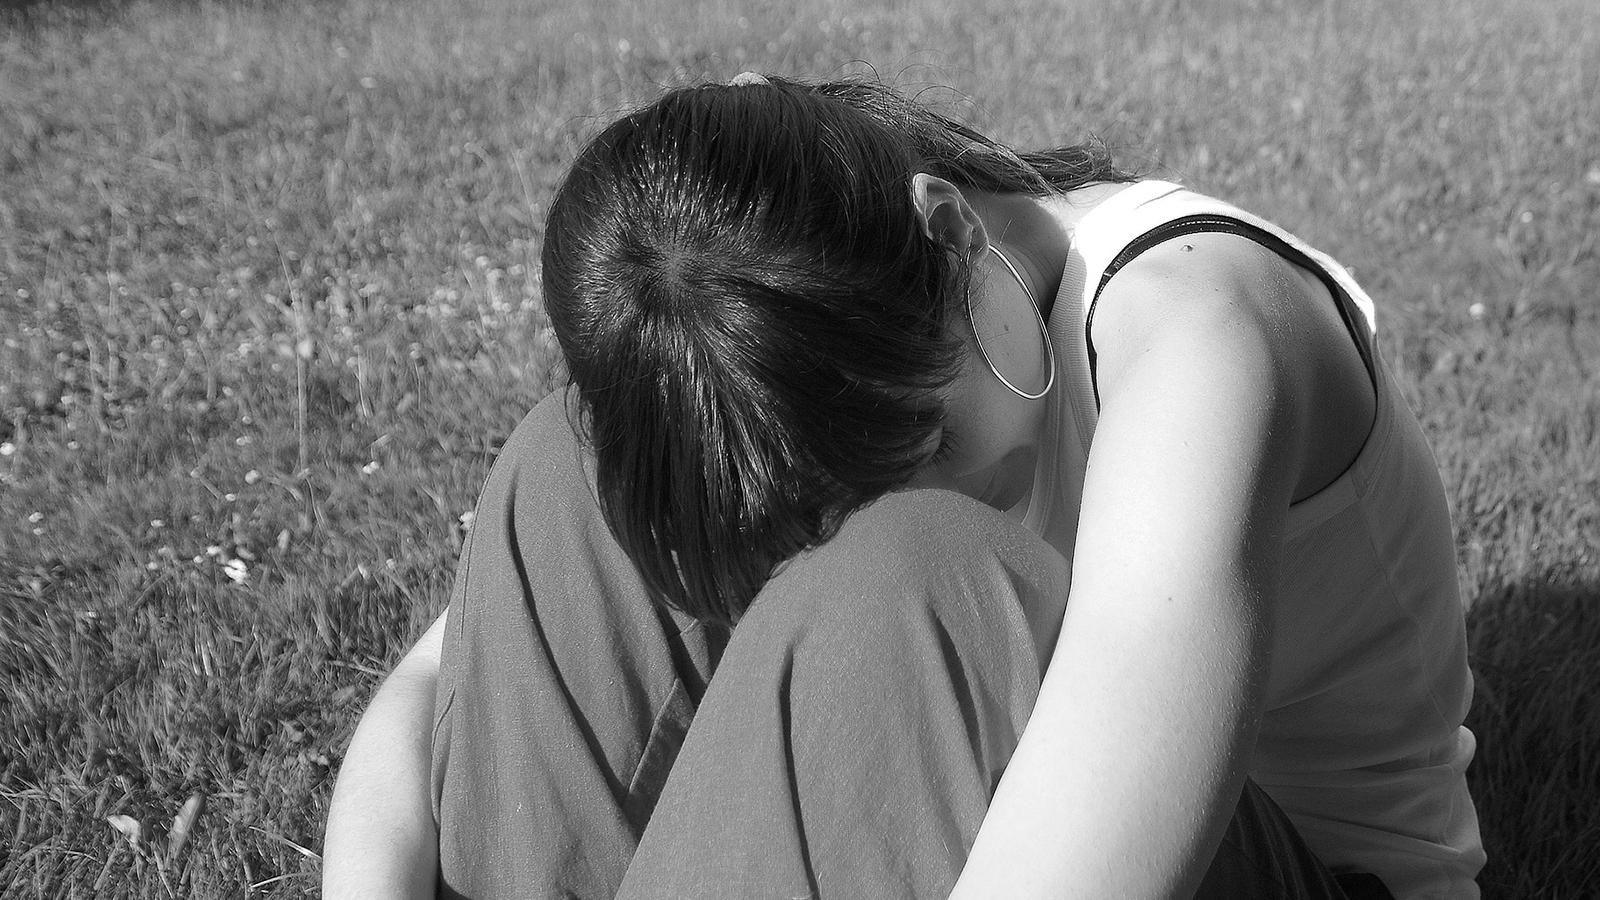 La endometriosis afecta al 10% de las mujeres / Imagen de Amaya Eguizábal en Pixabay